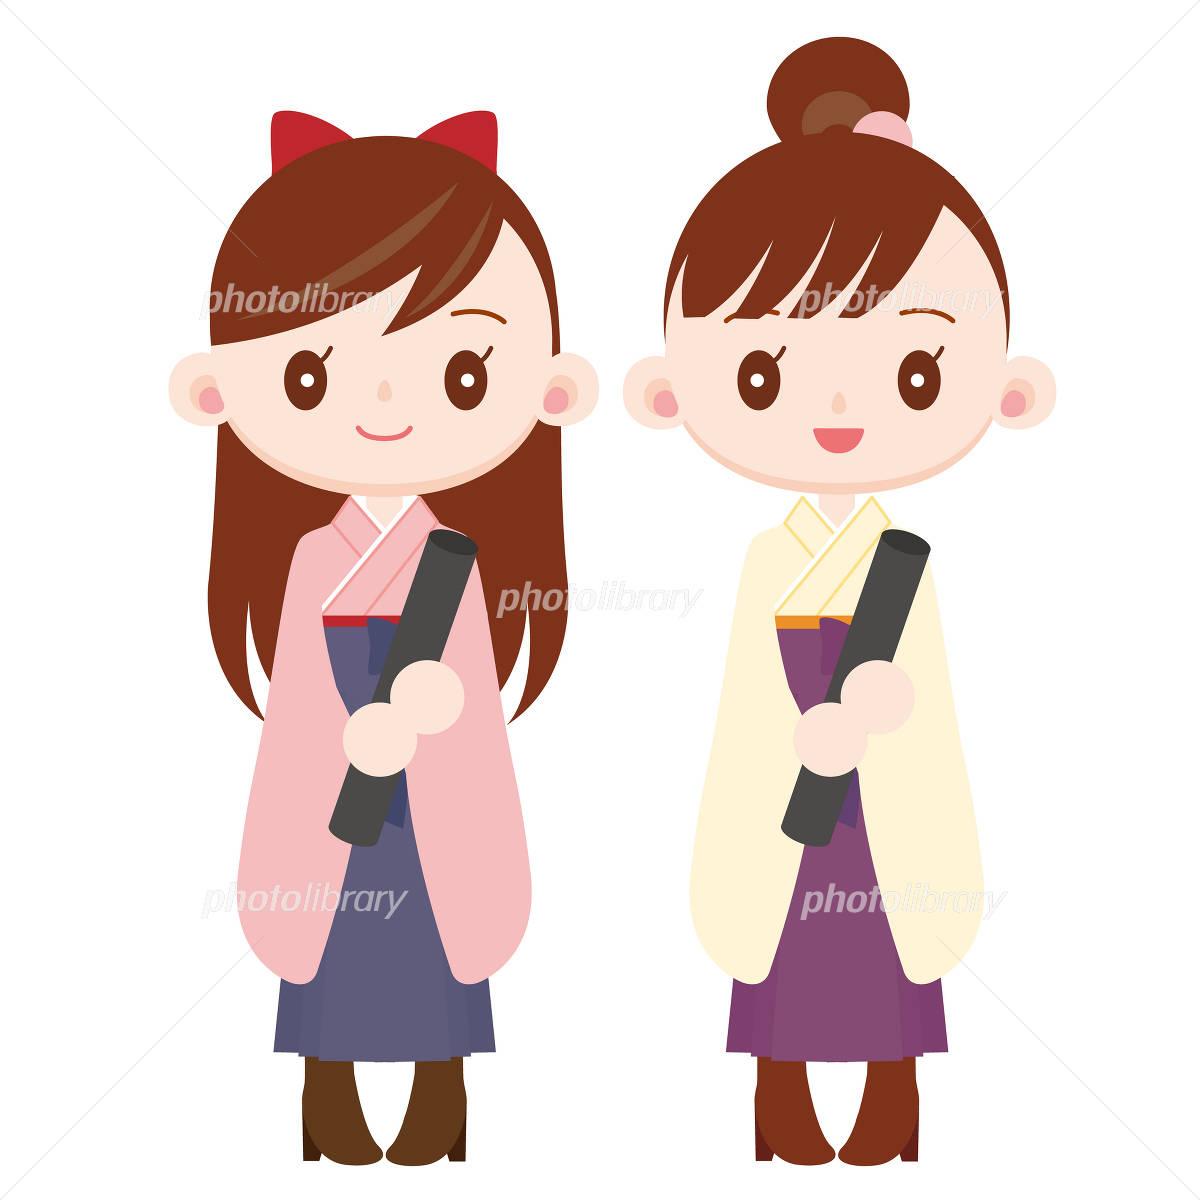 袴を着た卒業式の女の子2人 イラスト素材 725535 フォトライブ